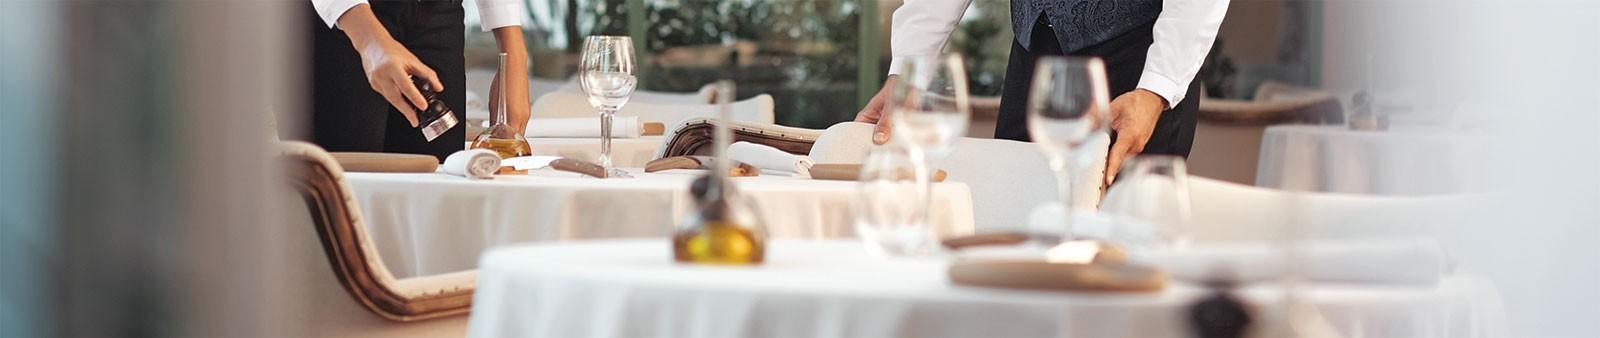 Zapatos de trabajo para camarero y recepcionista